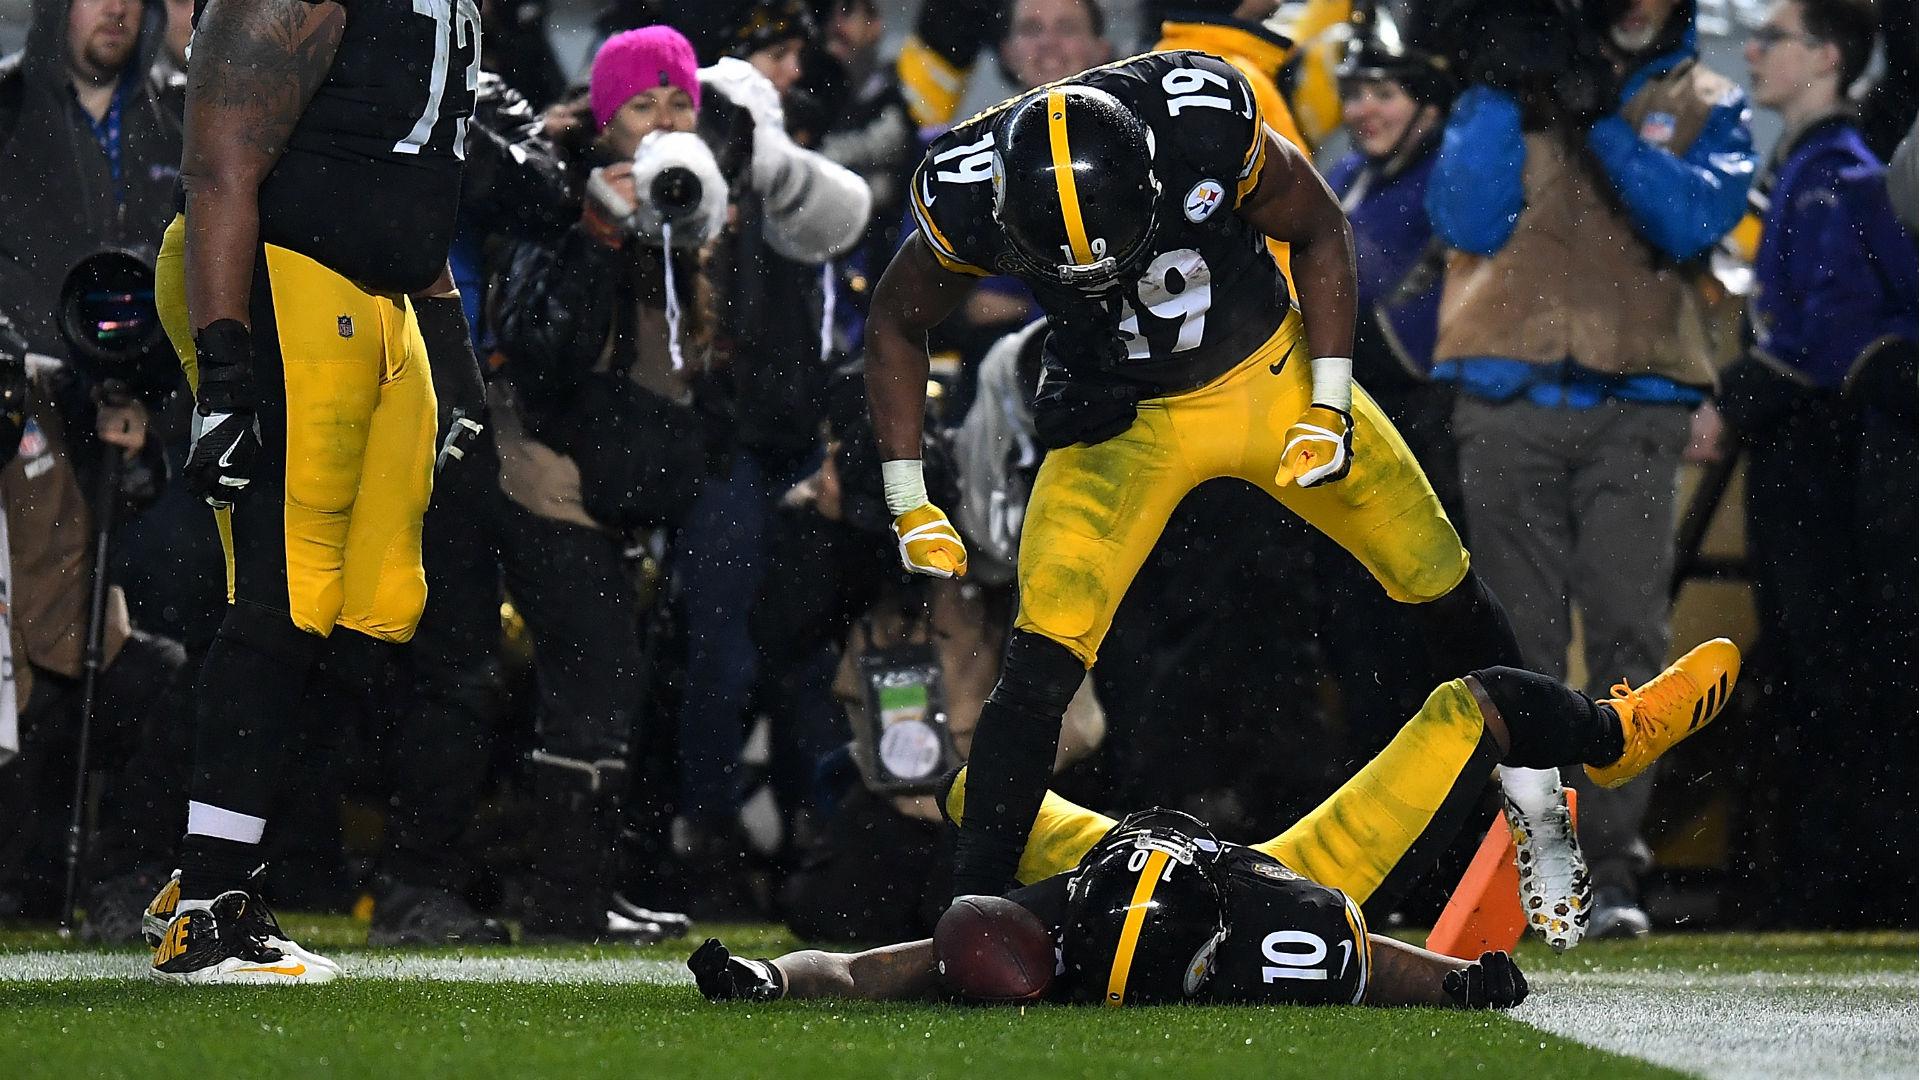 Https Www Sportingnews Com Au Nfl News Patriots Vs Steelers